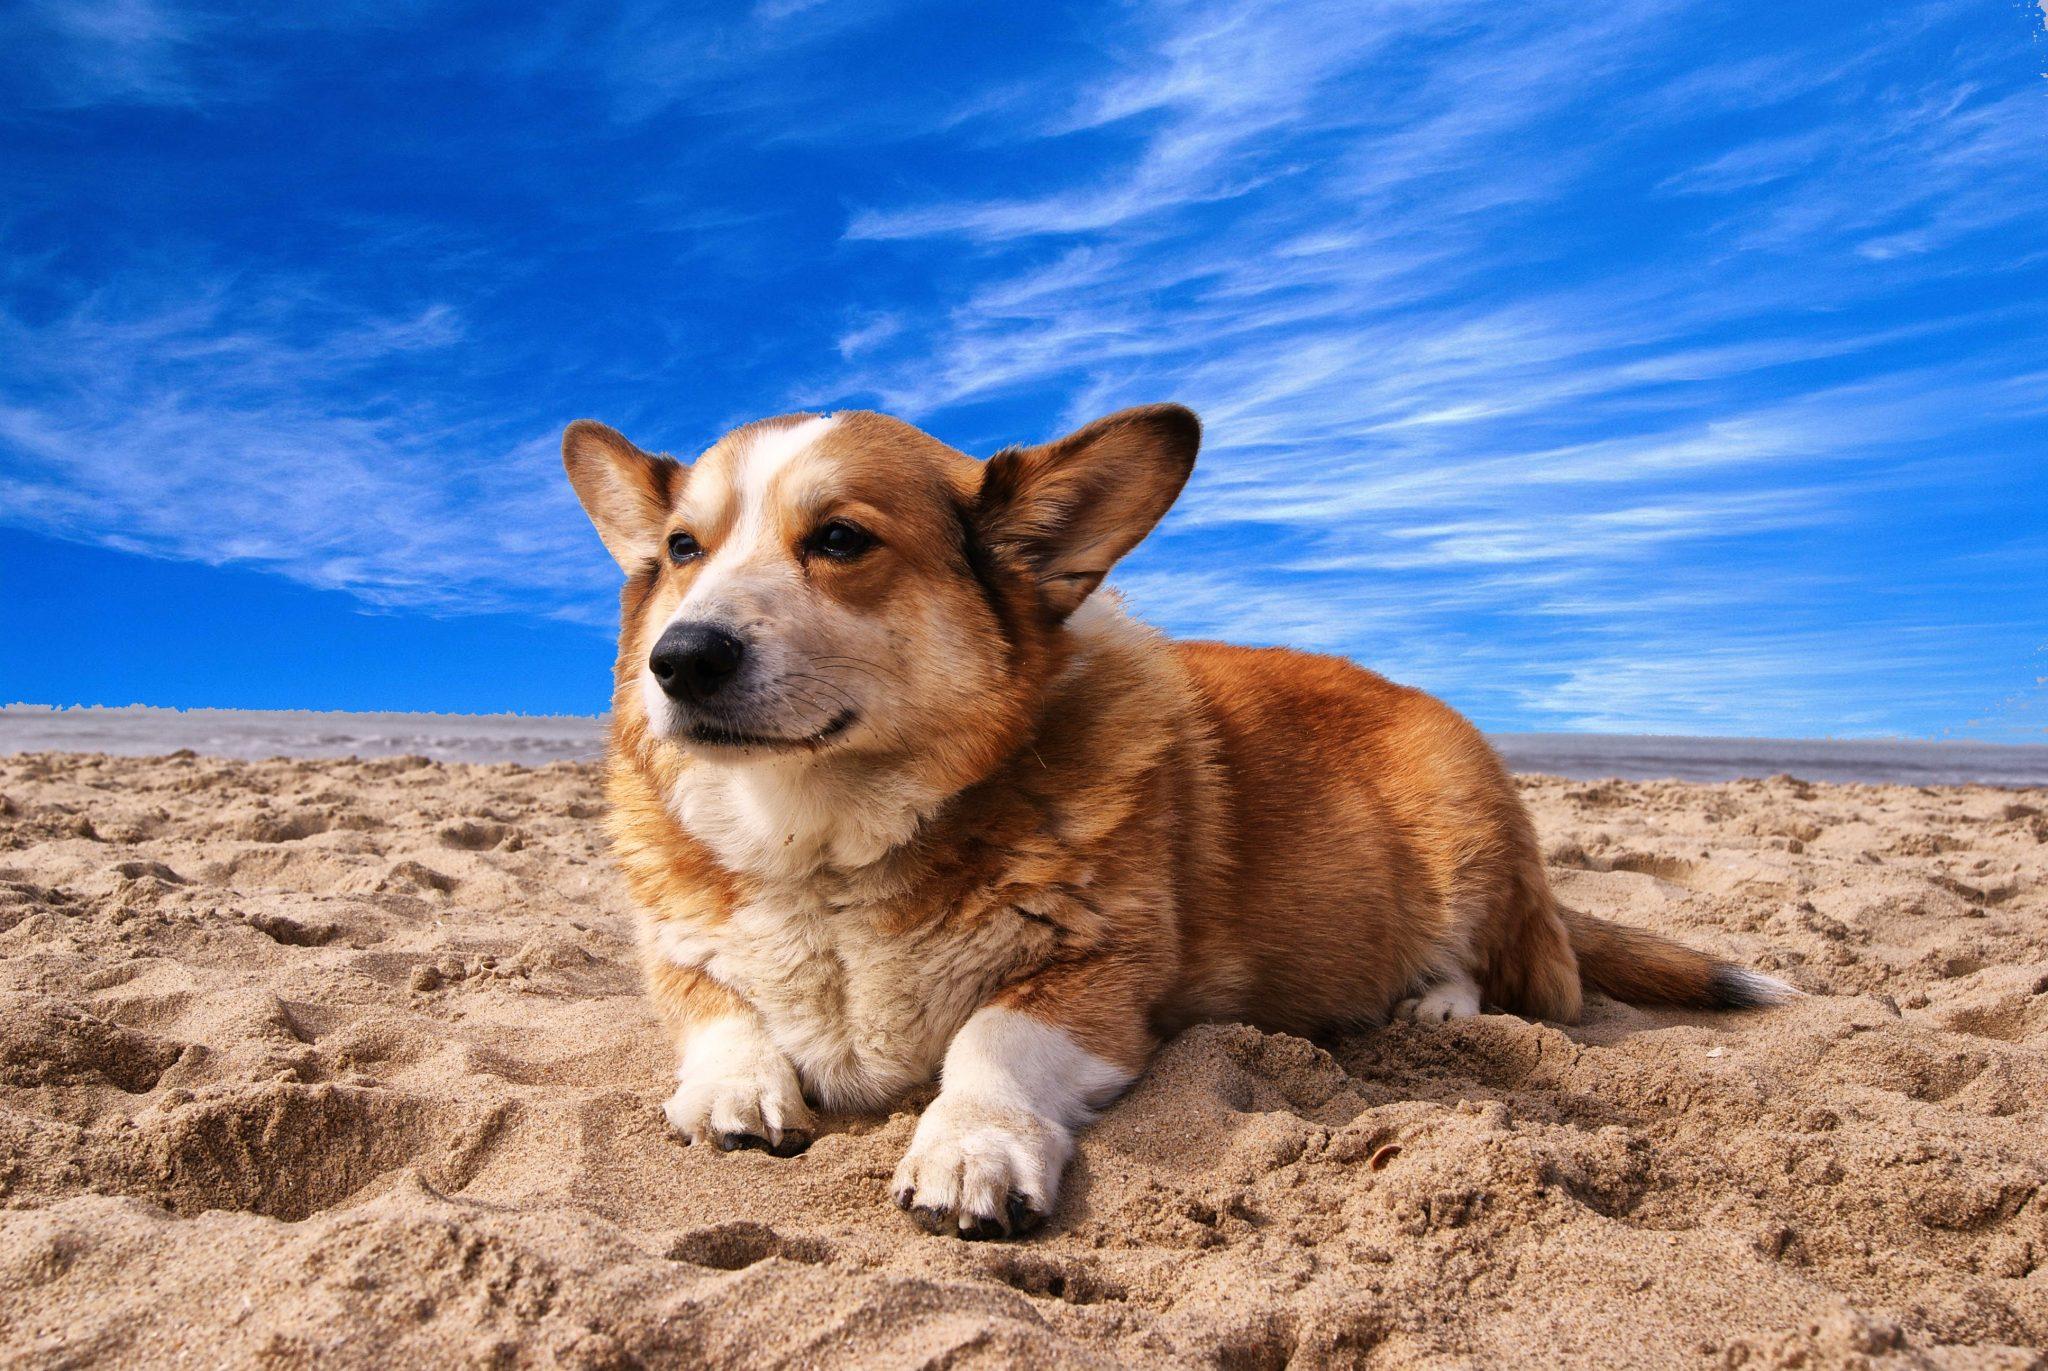 Perros durante el verano: Cuidados básicos